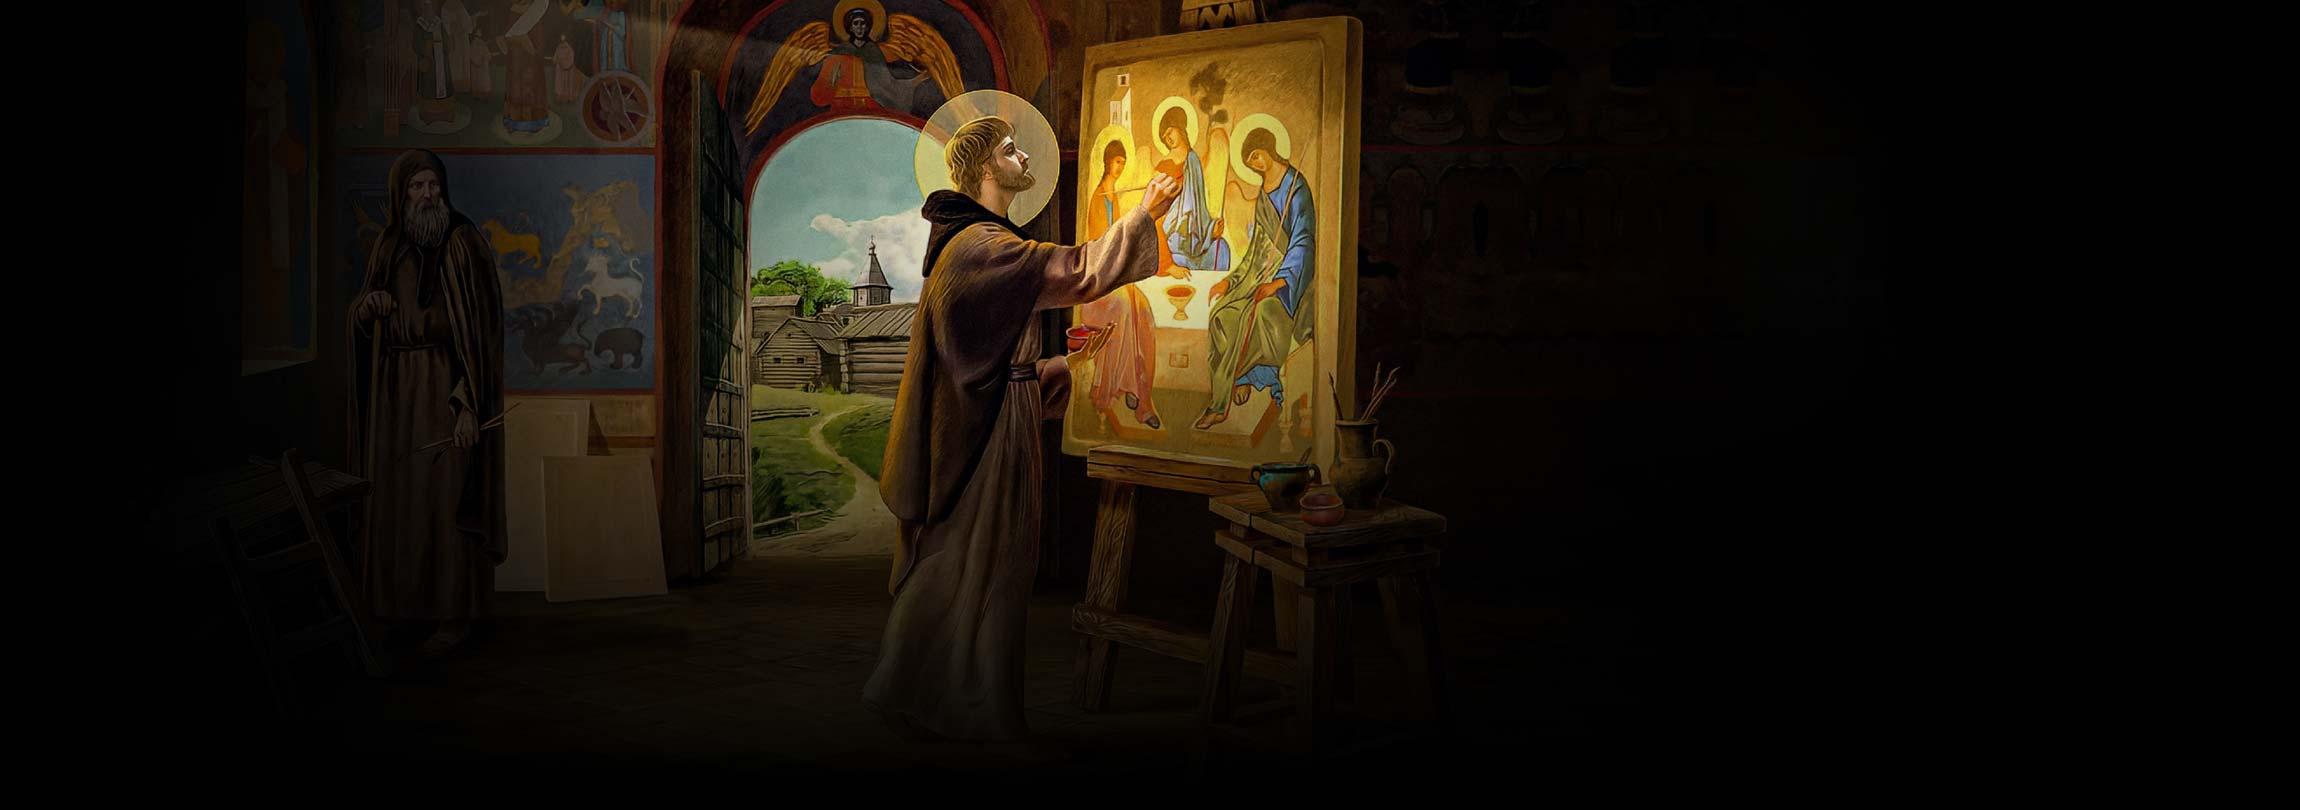 Este ícone russo do século XV é uma janela para a Santíssima Trindade